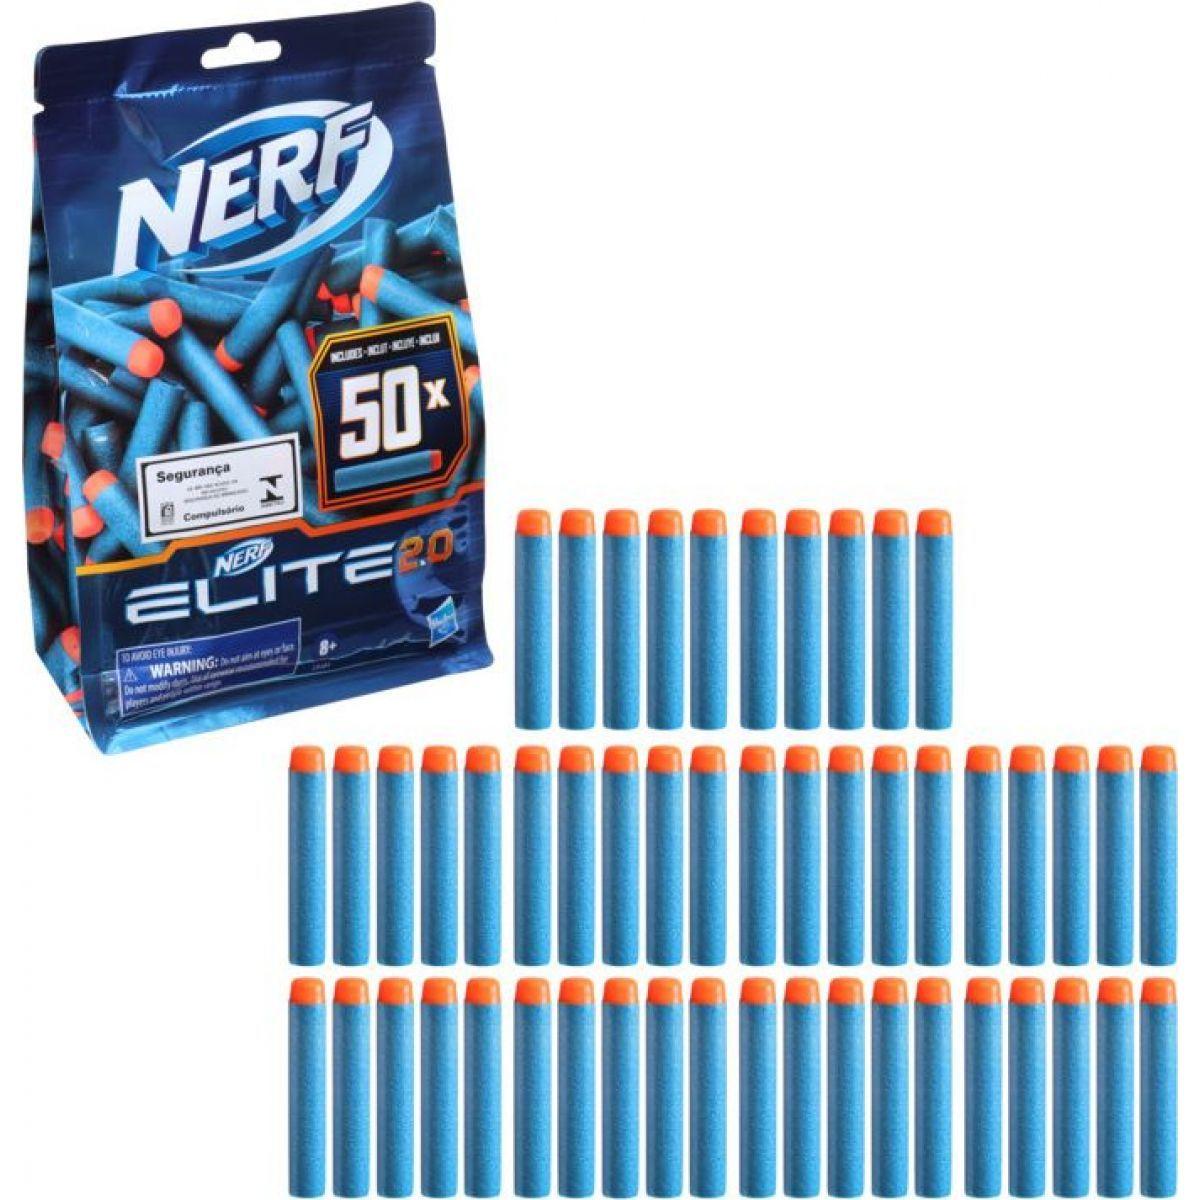 Nerf Elite 2.0 Sada 50 náhradných šípok  - Poškodený obal